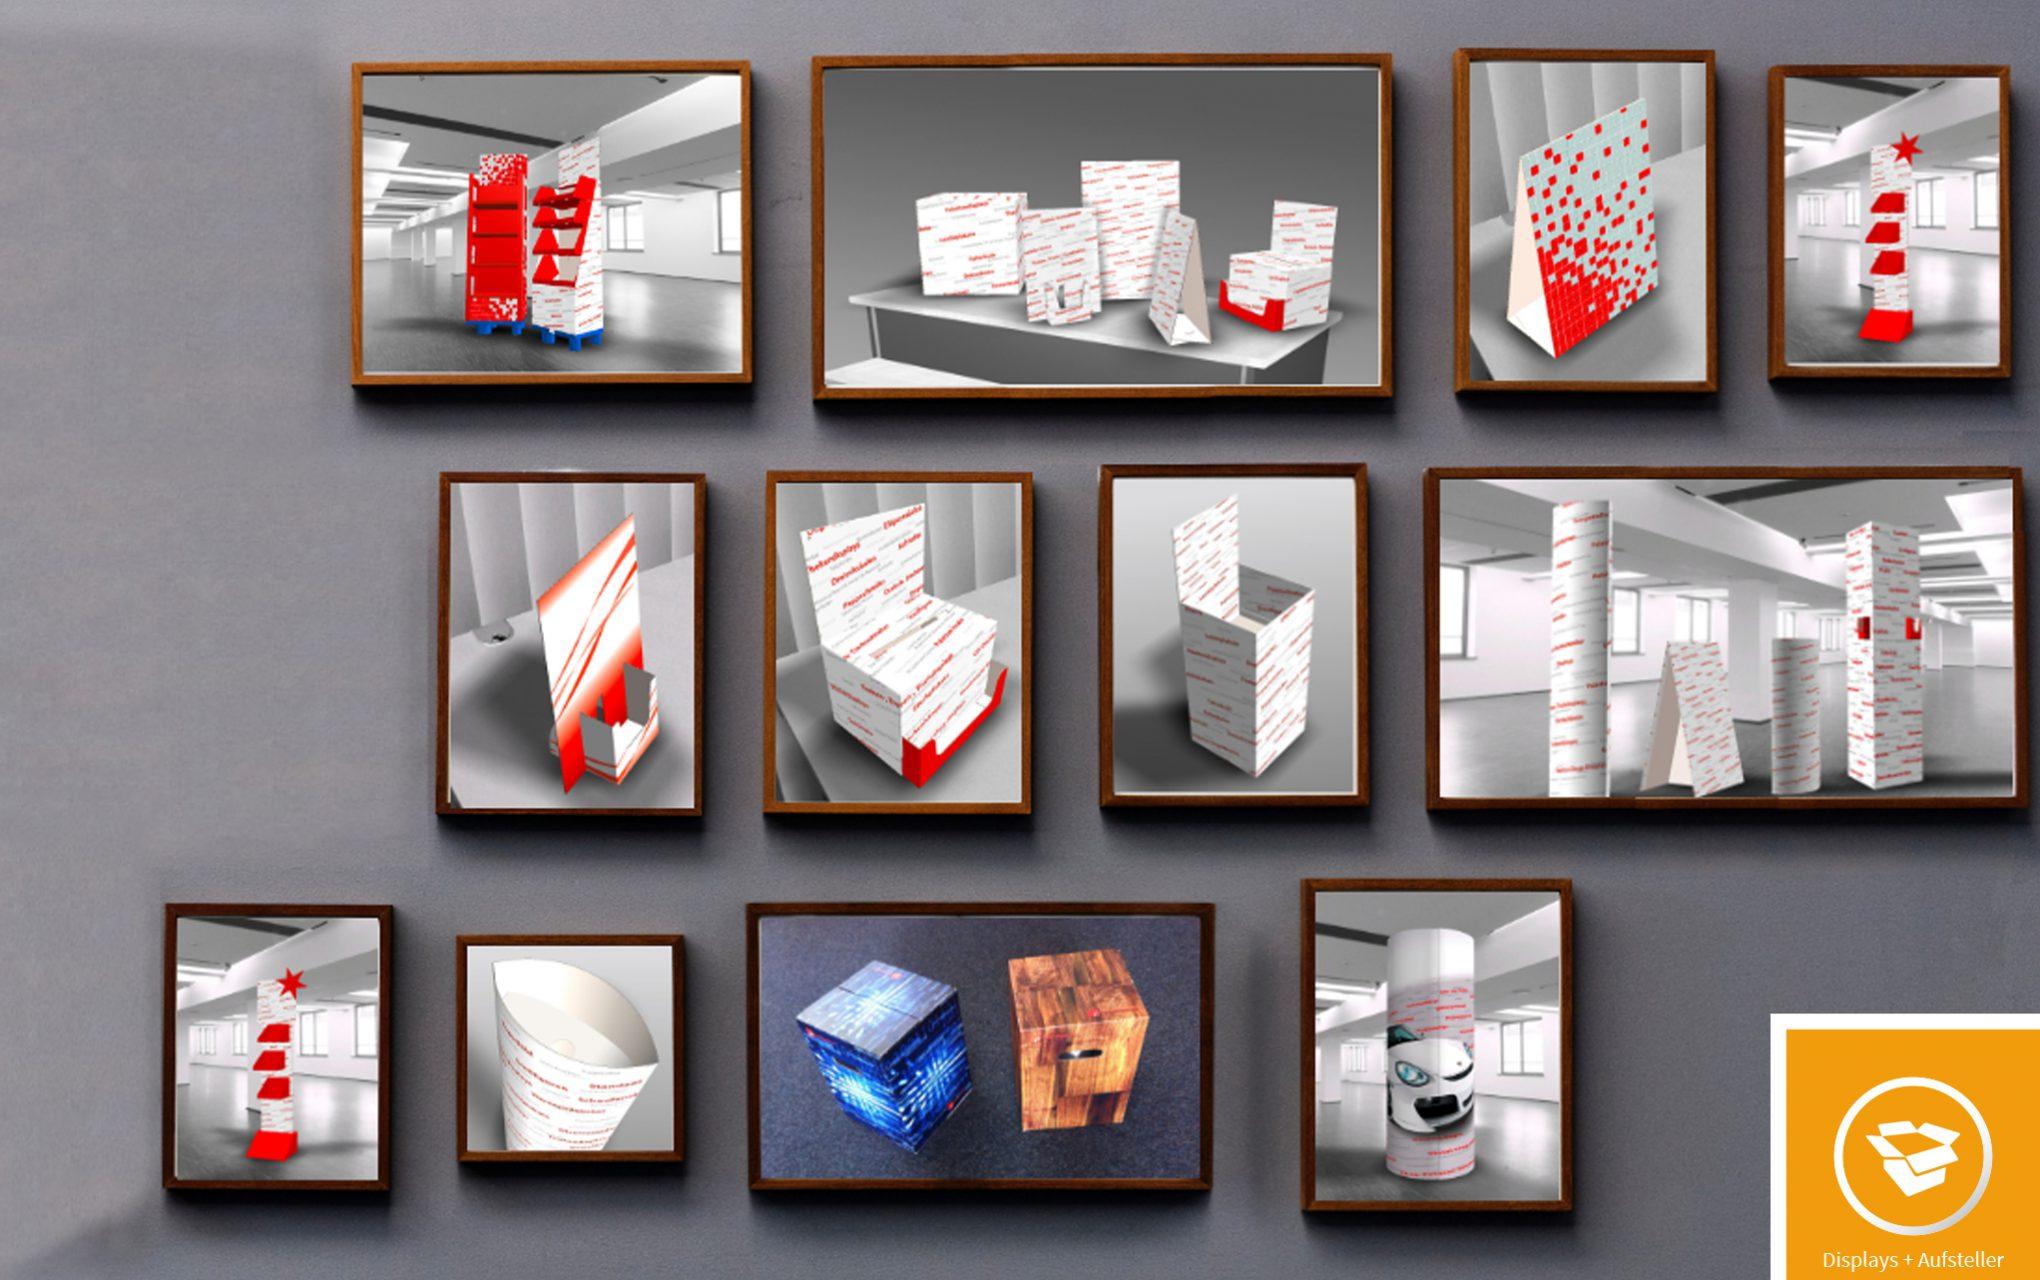 Displays + Aufsteller